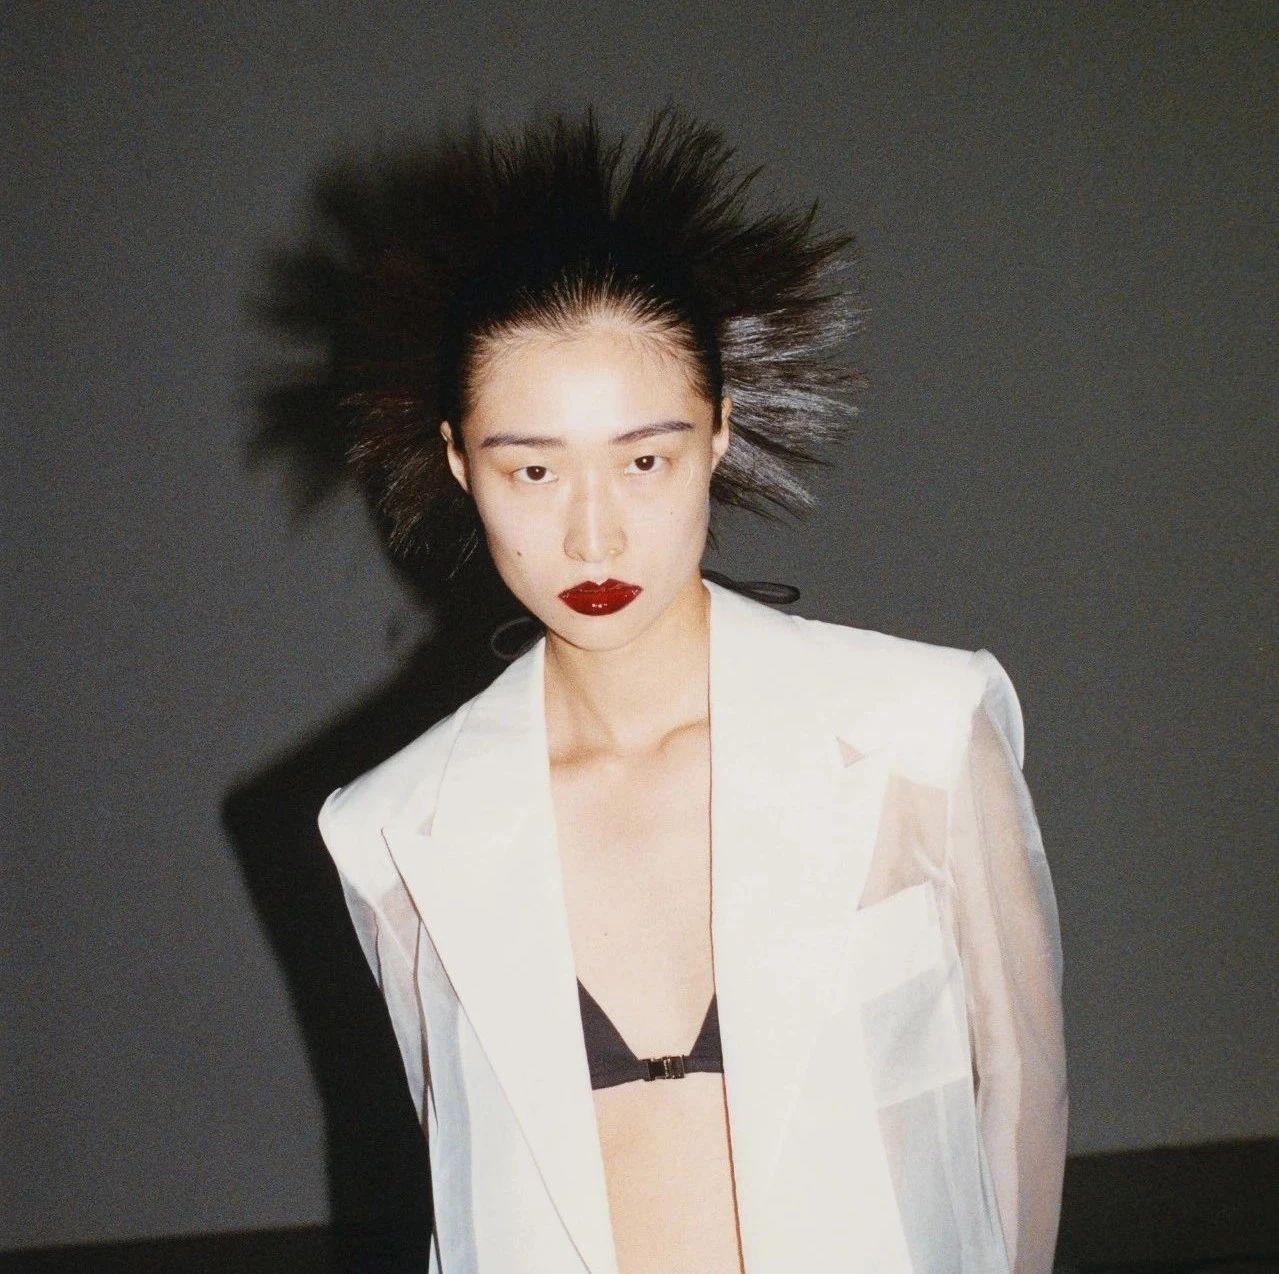 疫情下的巴黎时装周,他选择用黑白艺术传递力量